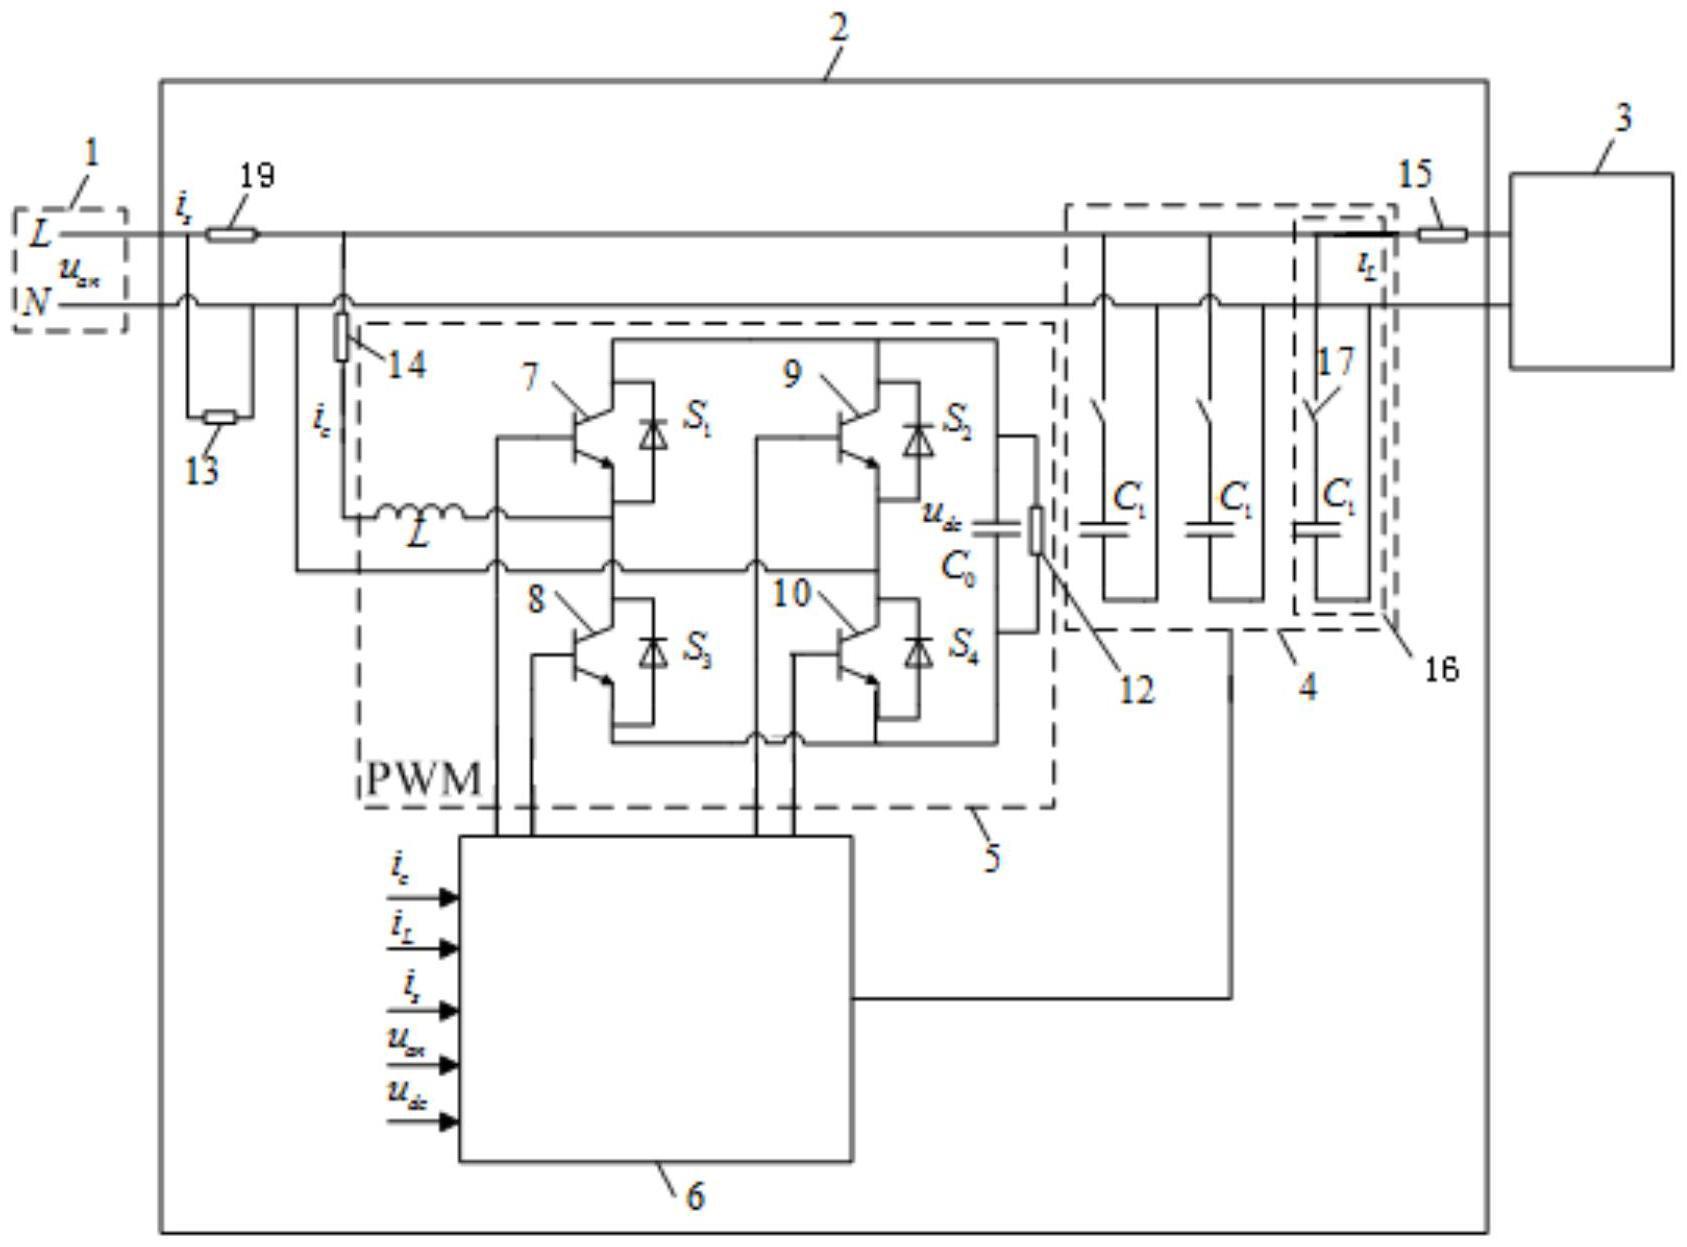 【仪表最新专利】具有改善电能质量功能的智能电表系统